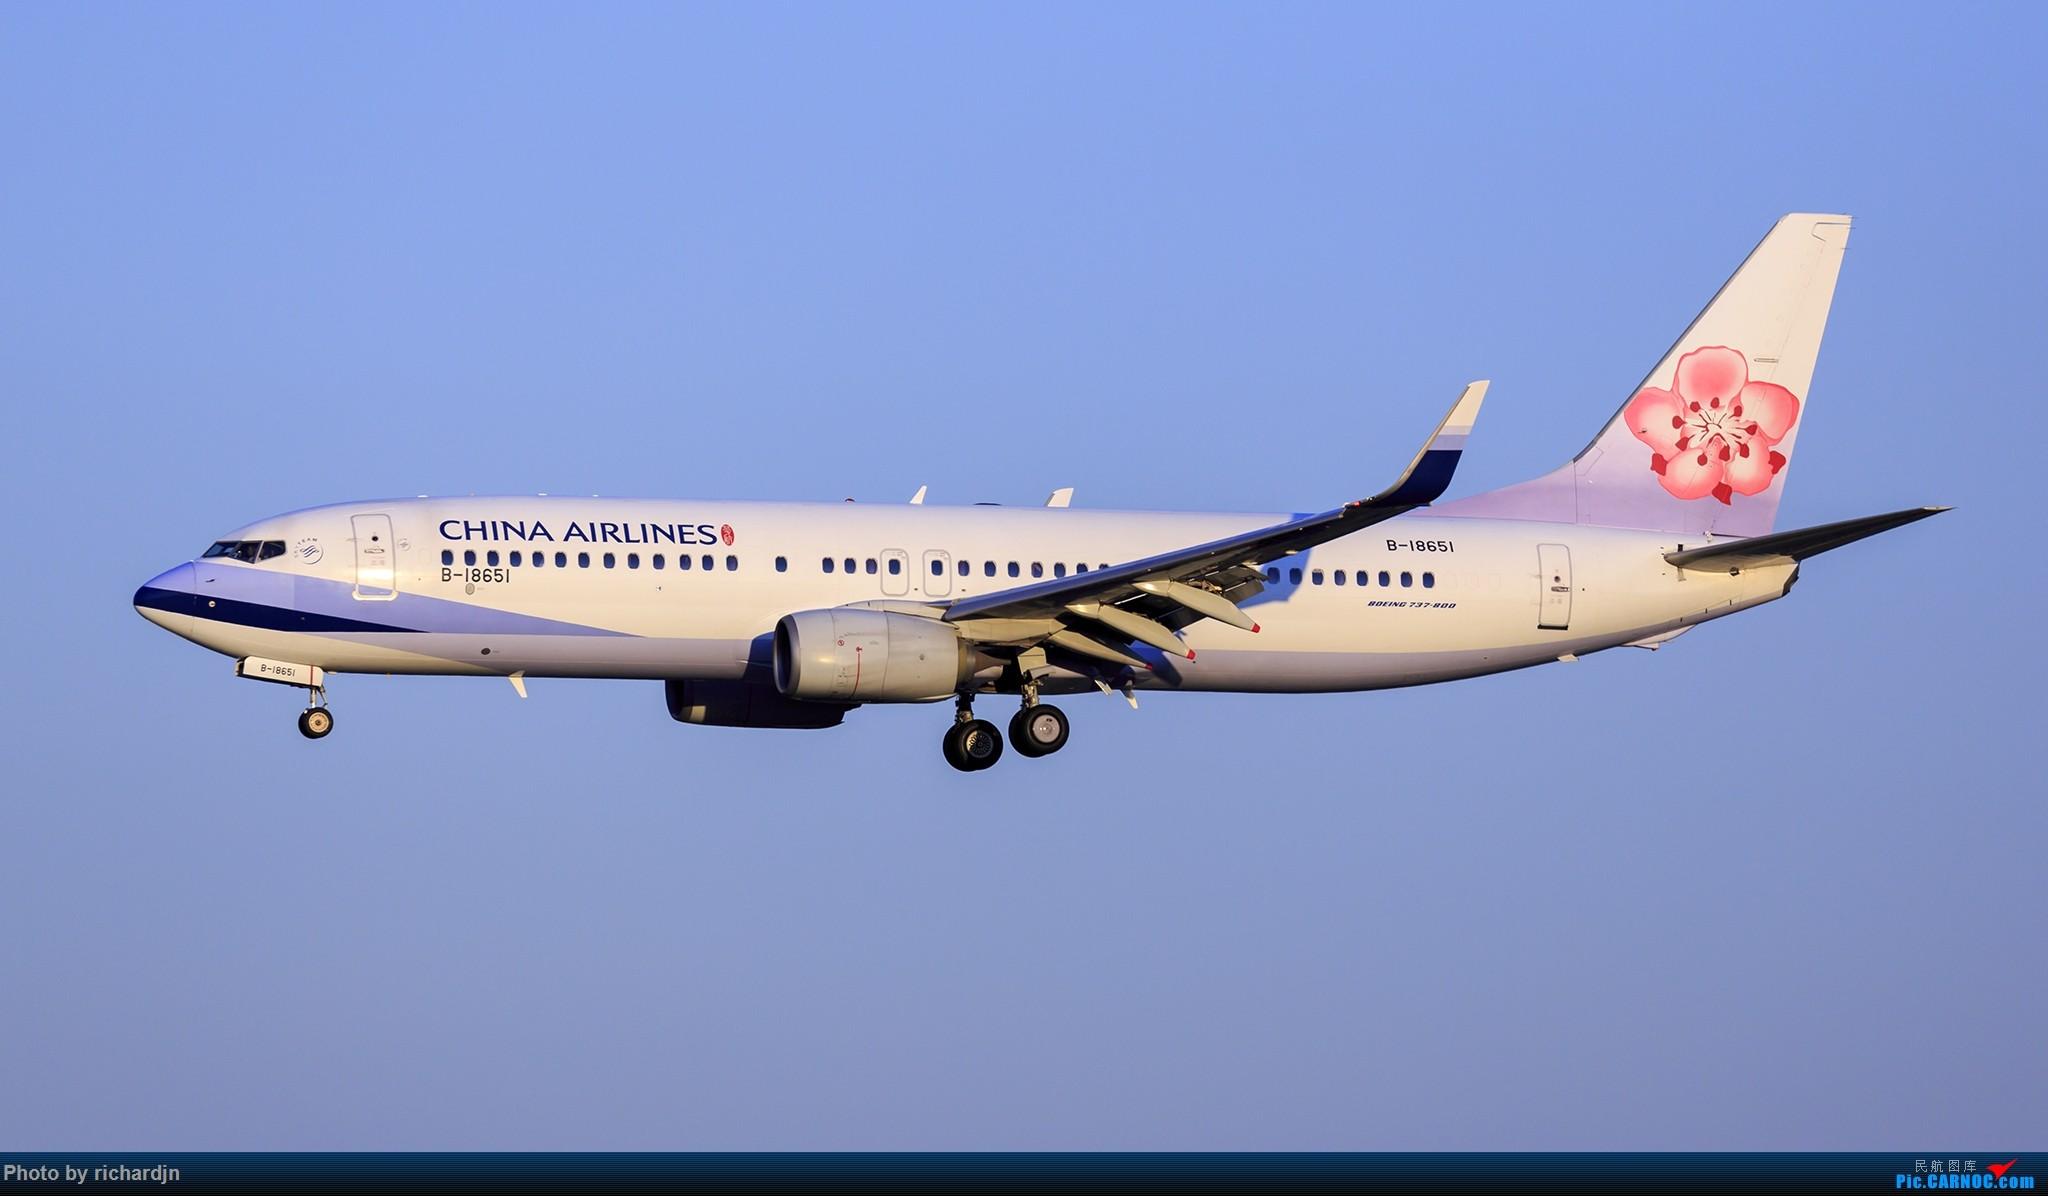 Re:[原创]2018年10月1日ZBAA撸机 BOEING 737-800 B-18651 中国北京首都国际机场